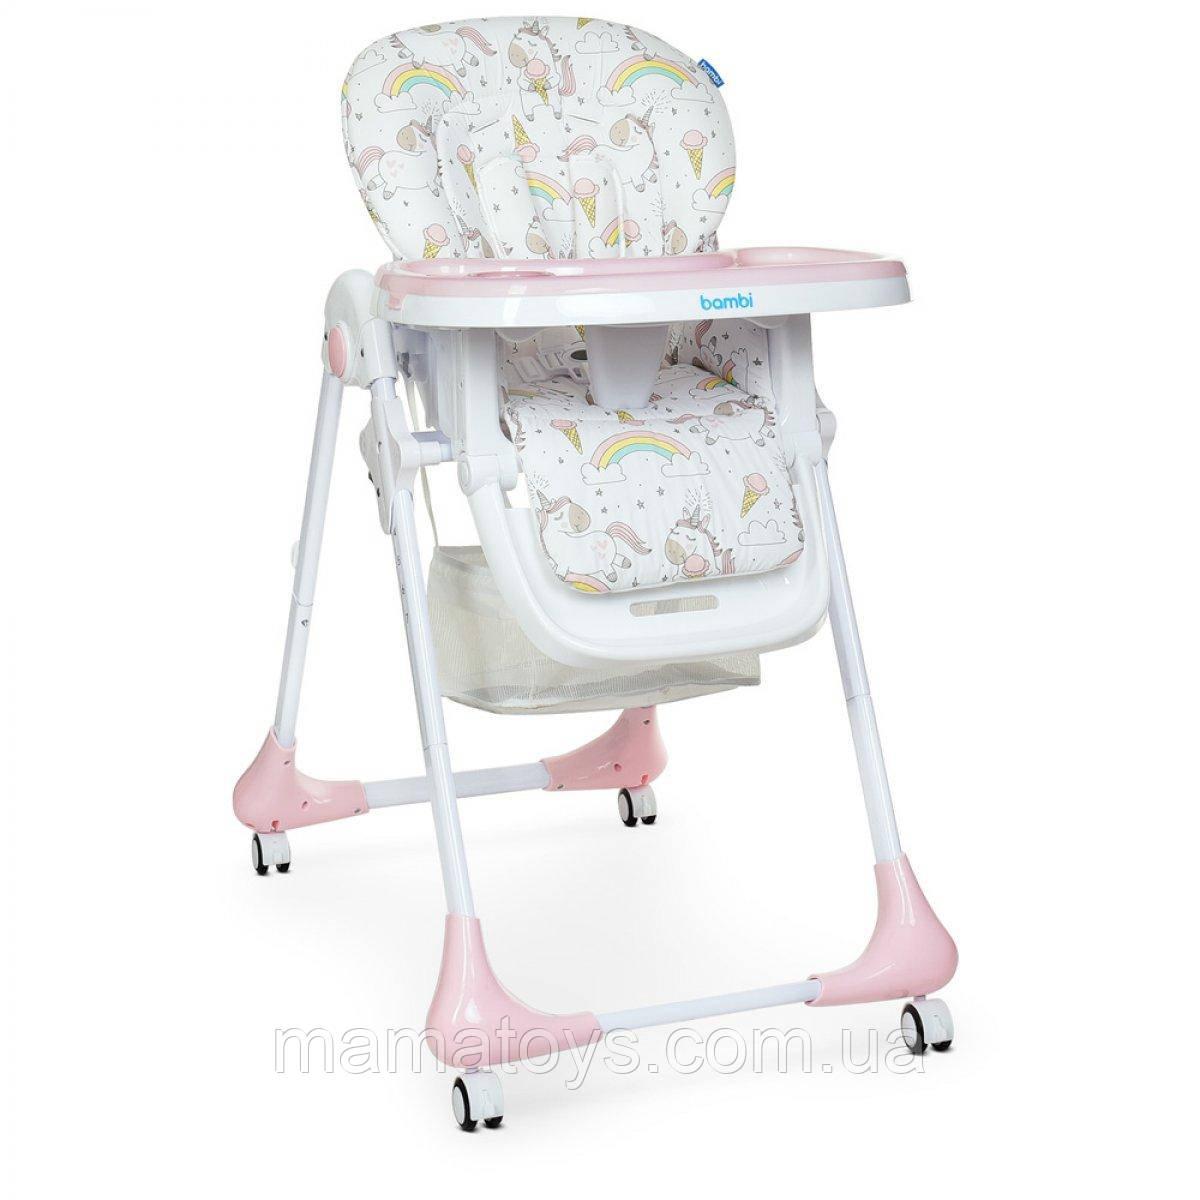 Детский стульчик для кормления Bambi M 3233 Unicorn Pink Единорог Розовый, 7 положений высоты